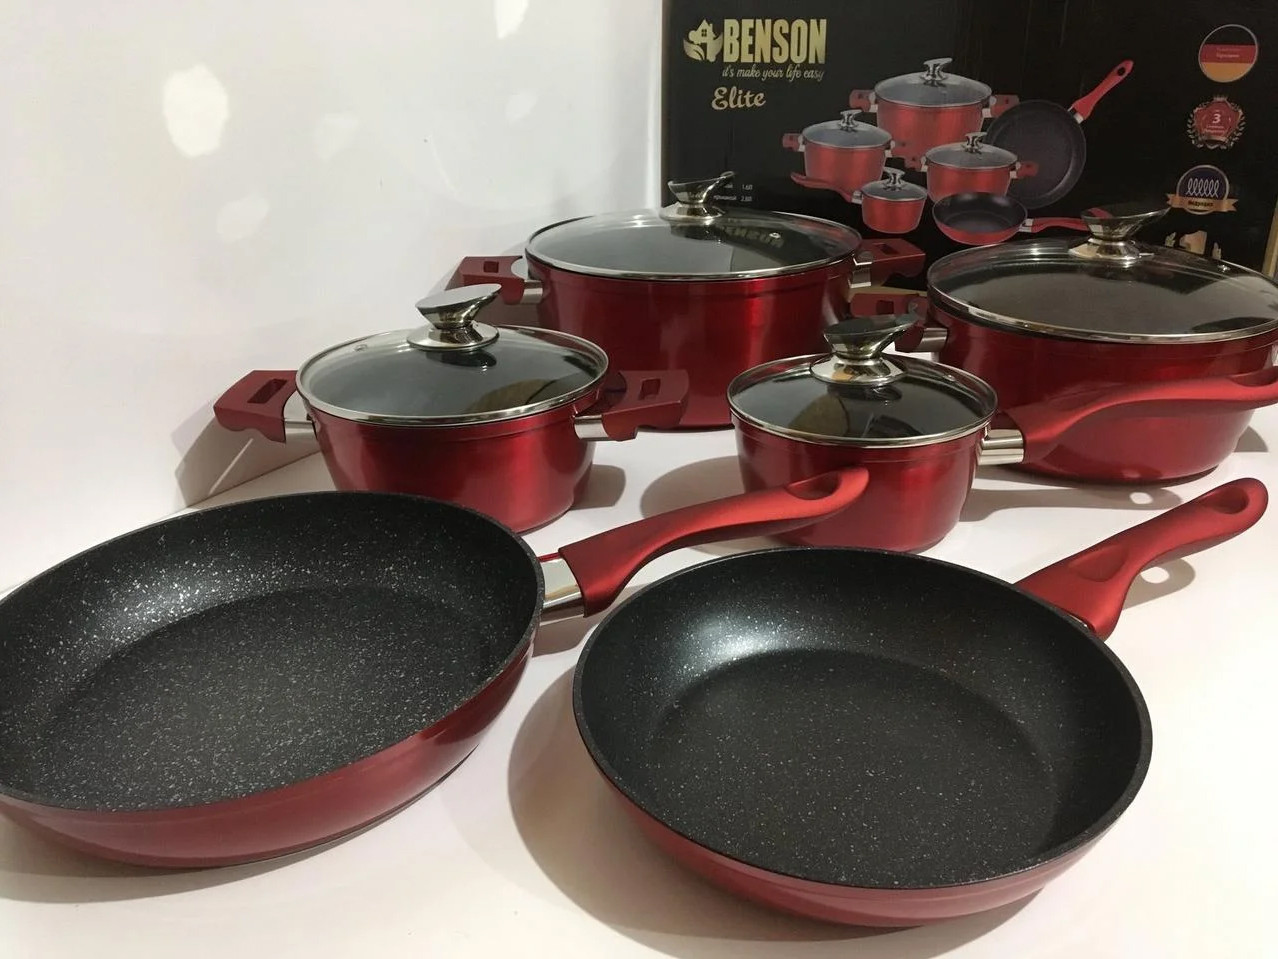 Набор кухонной посуды из литого алюминия Benson BN-335 10 предметов с мраморным покрытием